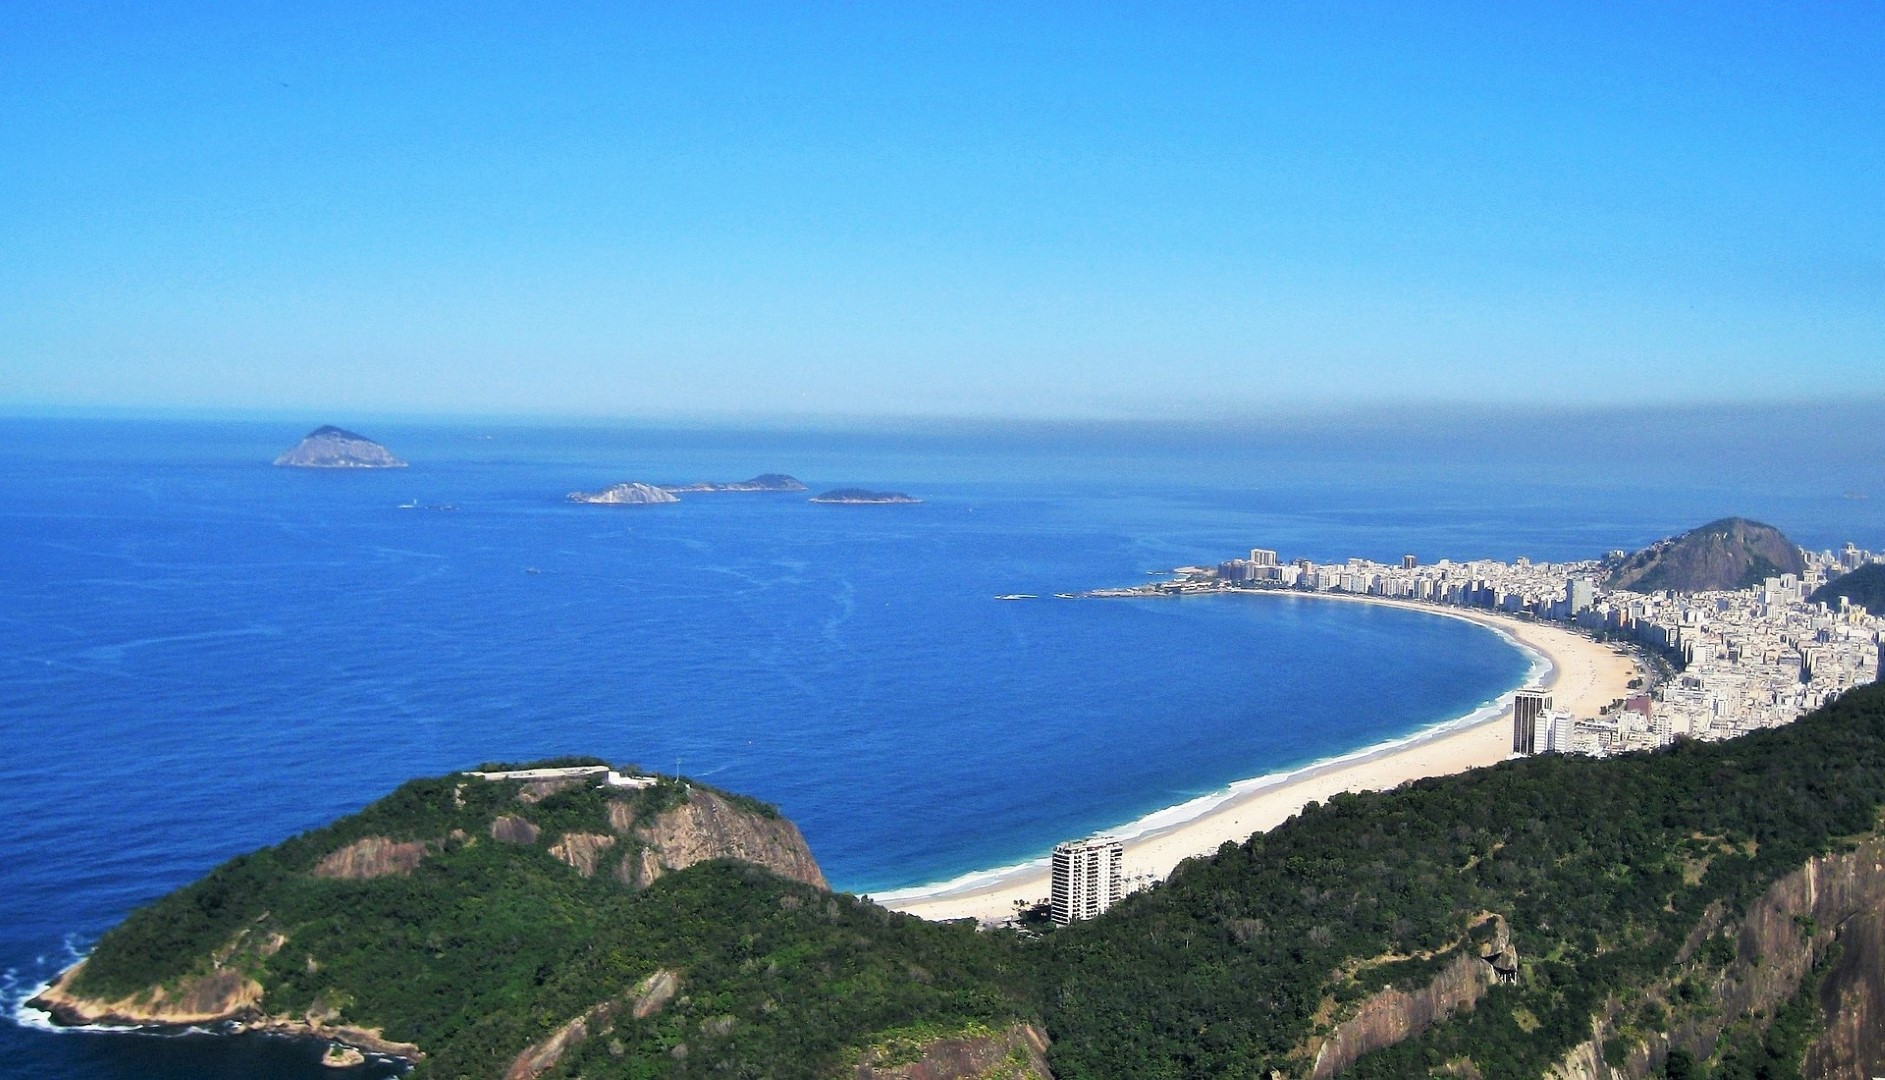 Gerenciamento de Redes Sociais em Inhoaíba – Rio de Janeiro – RJ